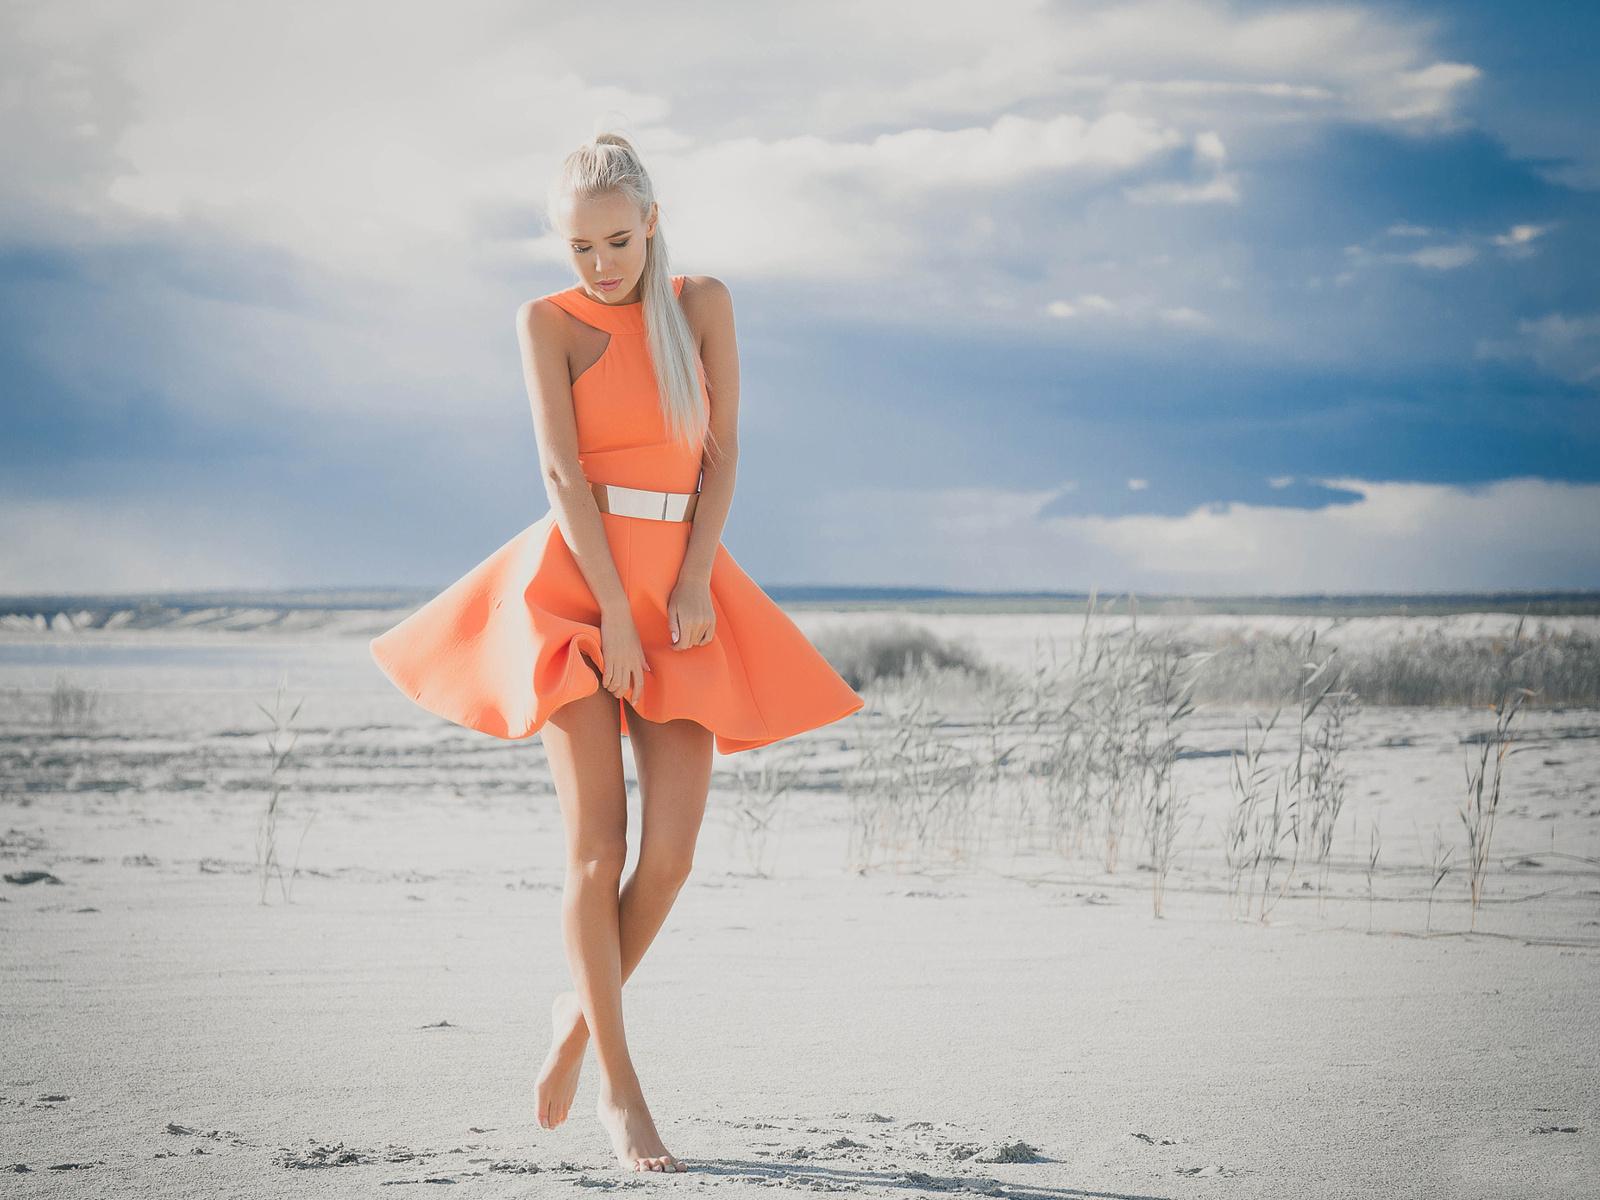 Girl sand dress legs beach wallpaper